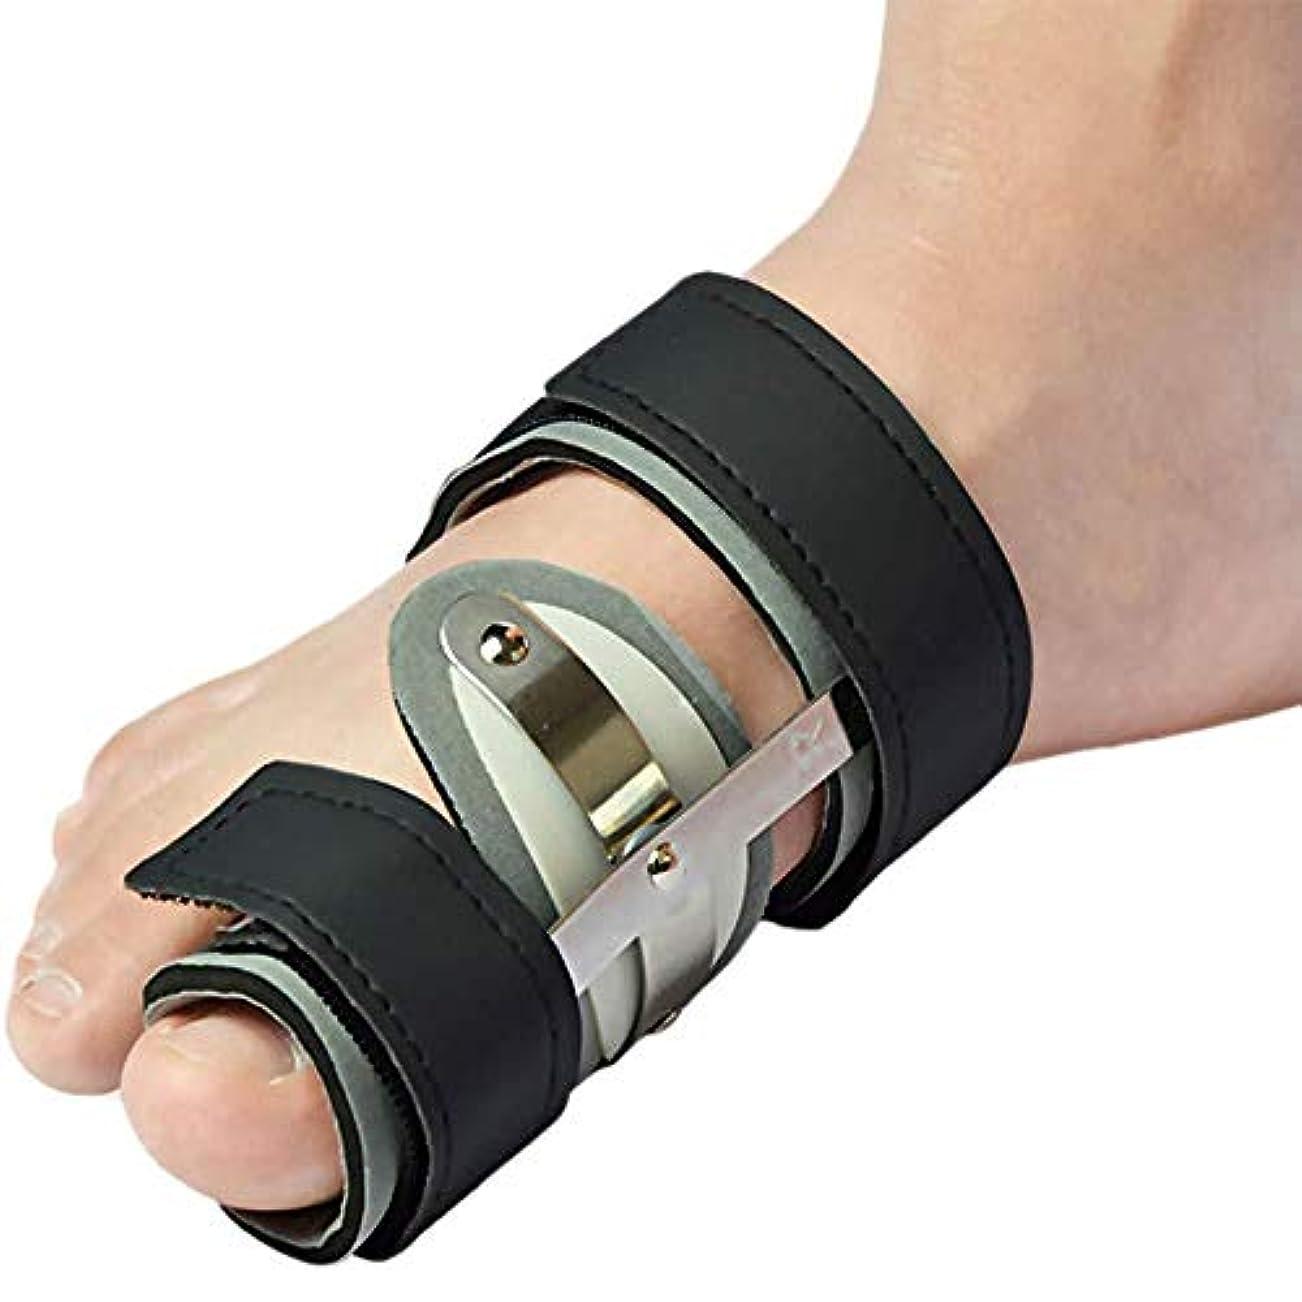 危険を冒します長いです八百屋つま先サポート、大きなつま先矯正、快適で ゲルつま先セパレーター、高弾性、腱膜瘤の痛みを軽減,Right Foot